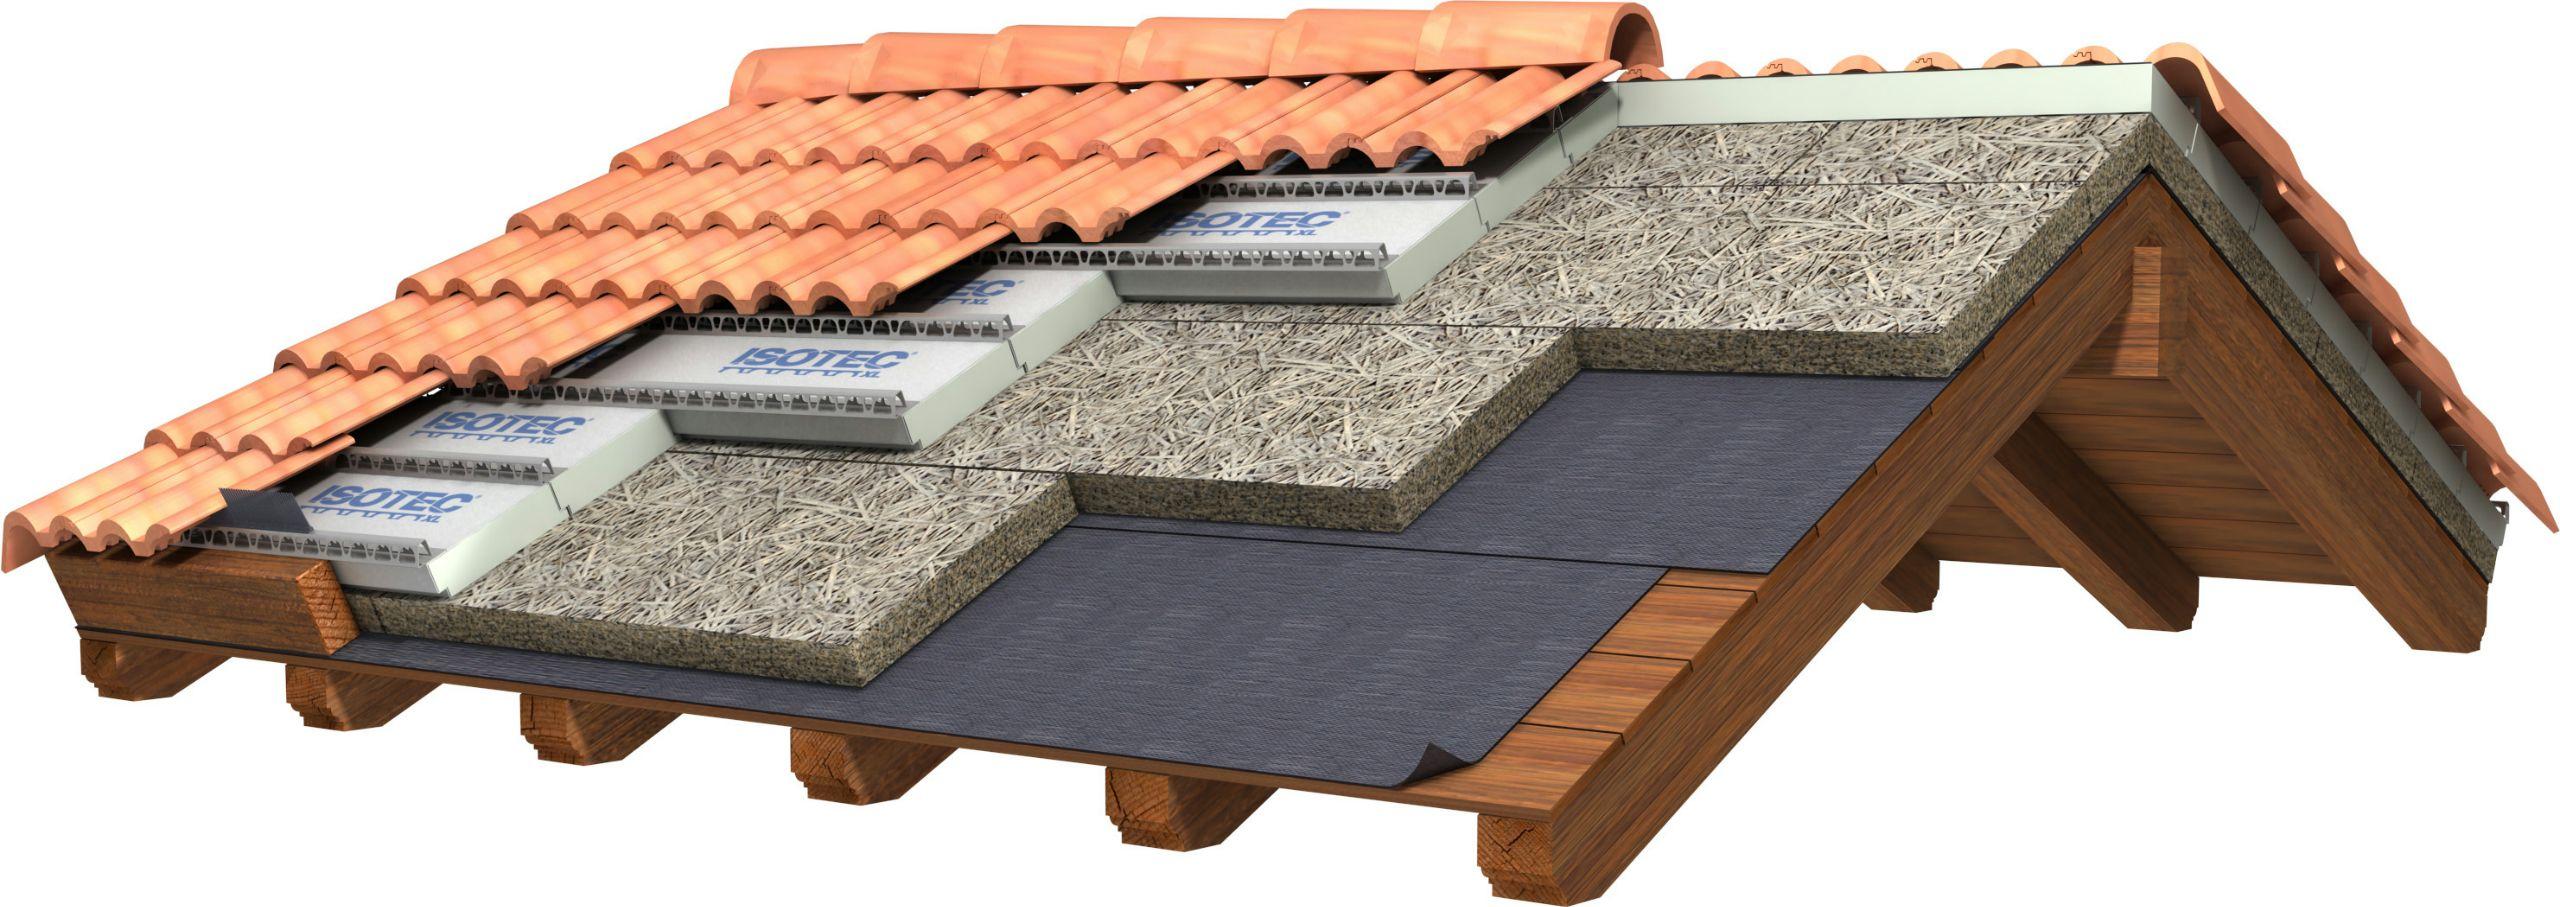 CELENIT Sistema per tetto ventilato by CELENIT